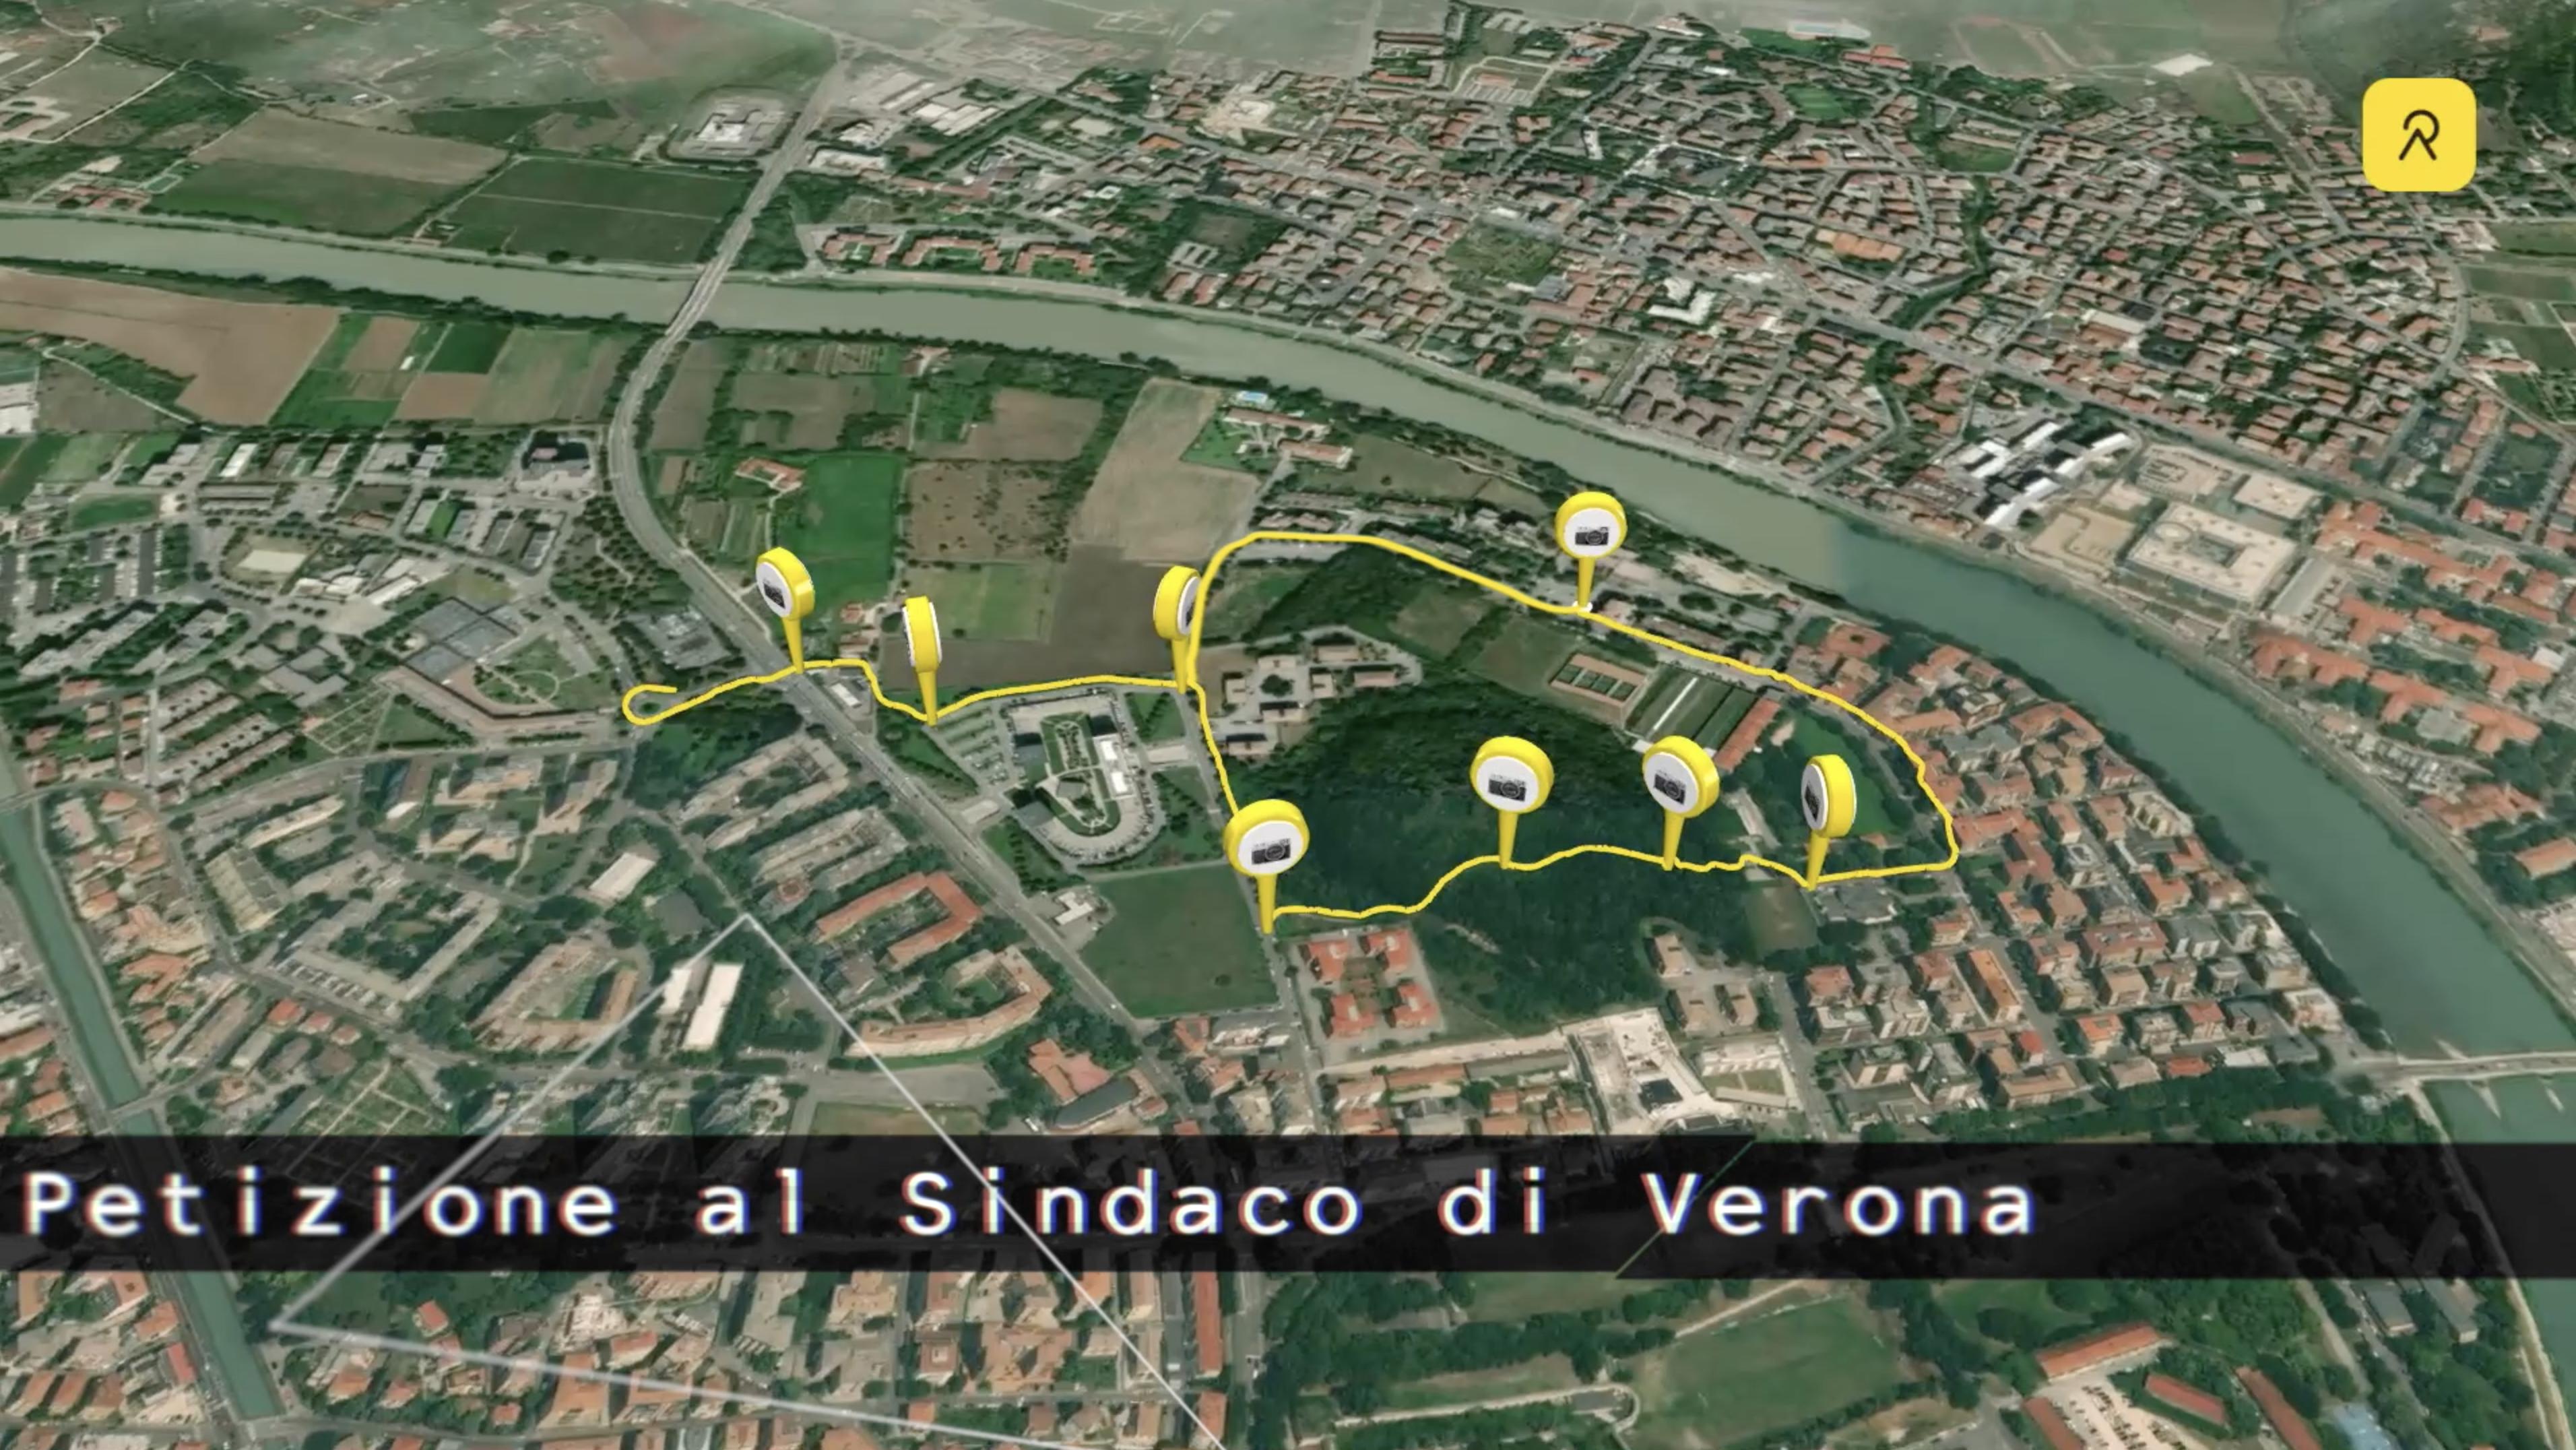 Petizione di sensibilizzazione al Sindaco di Verona